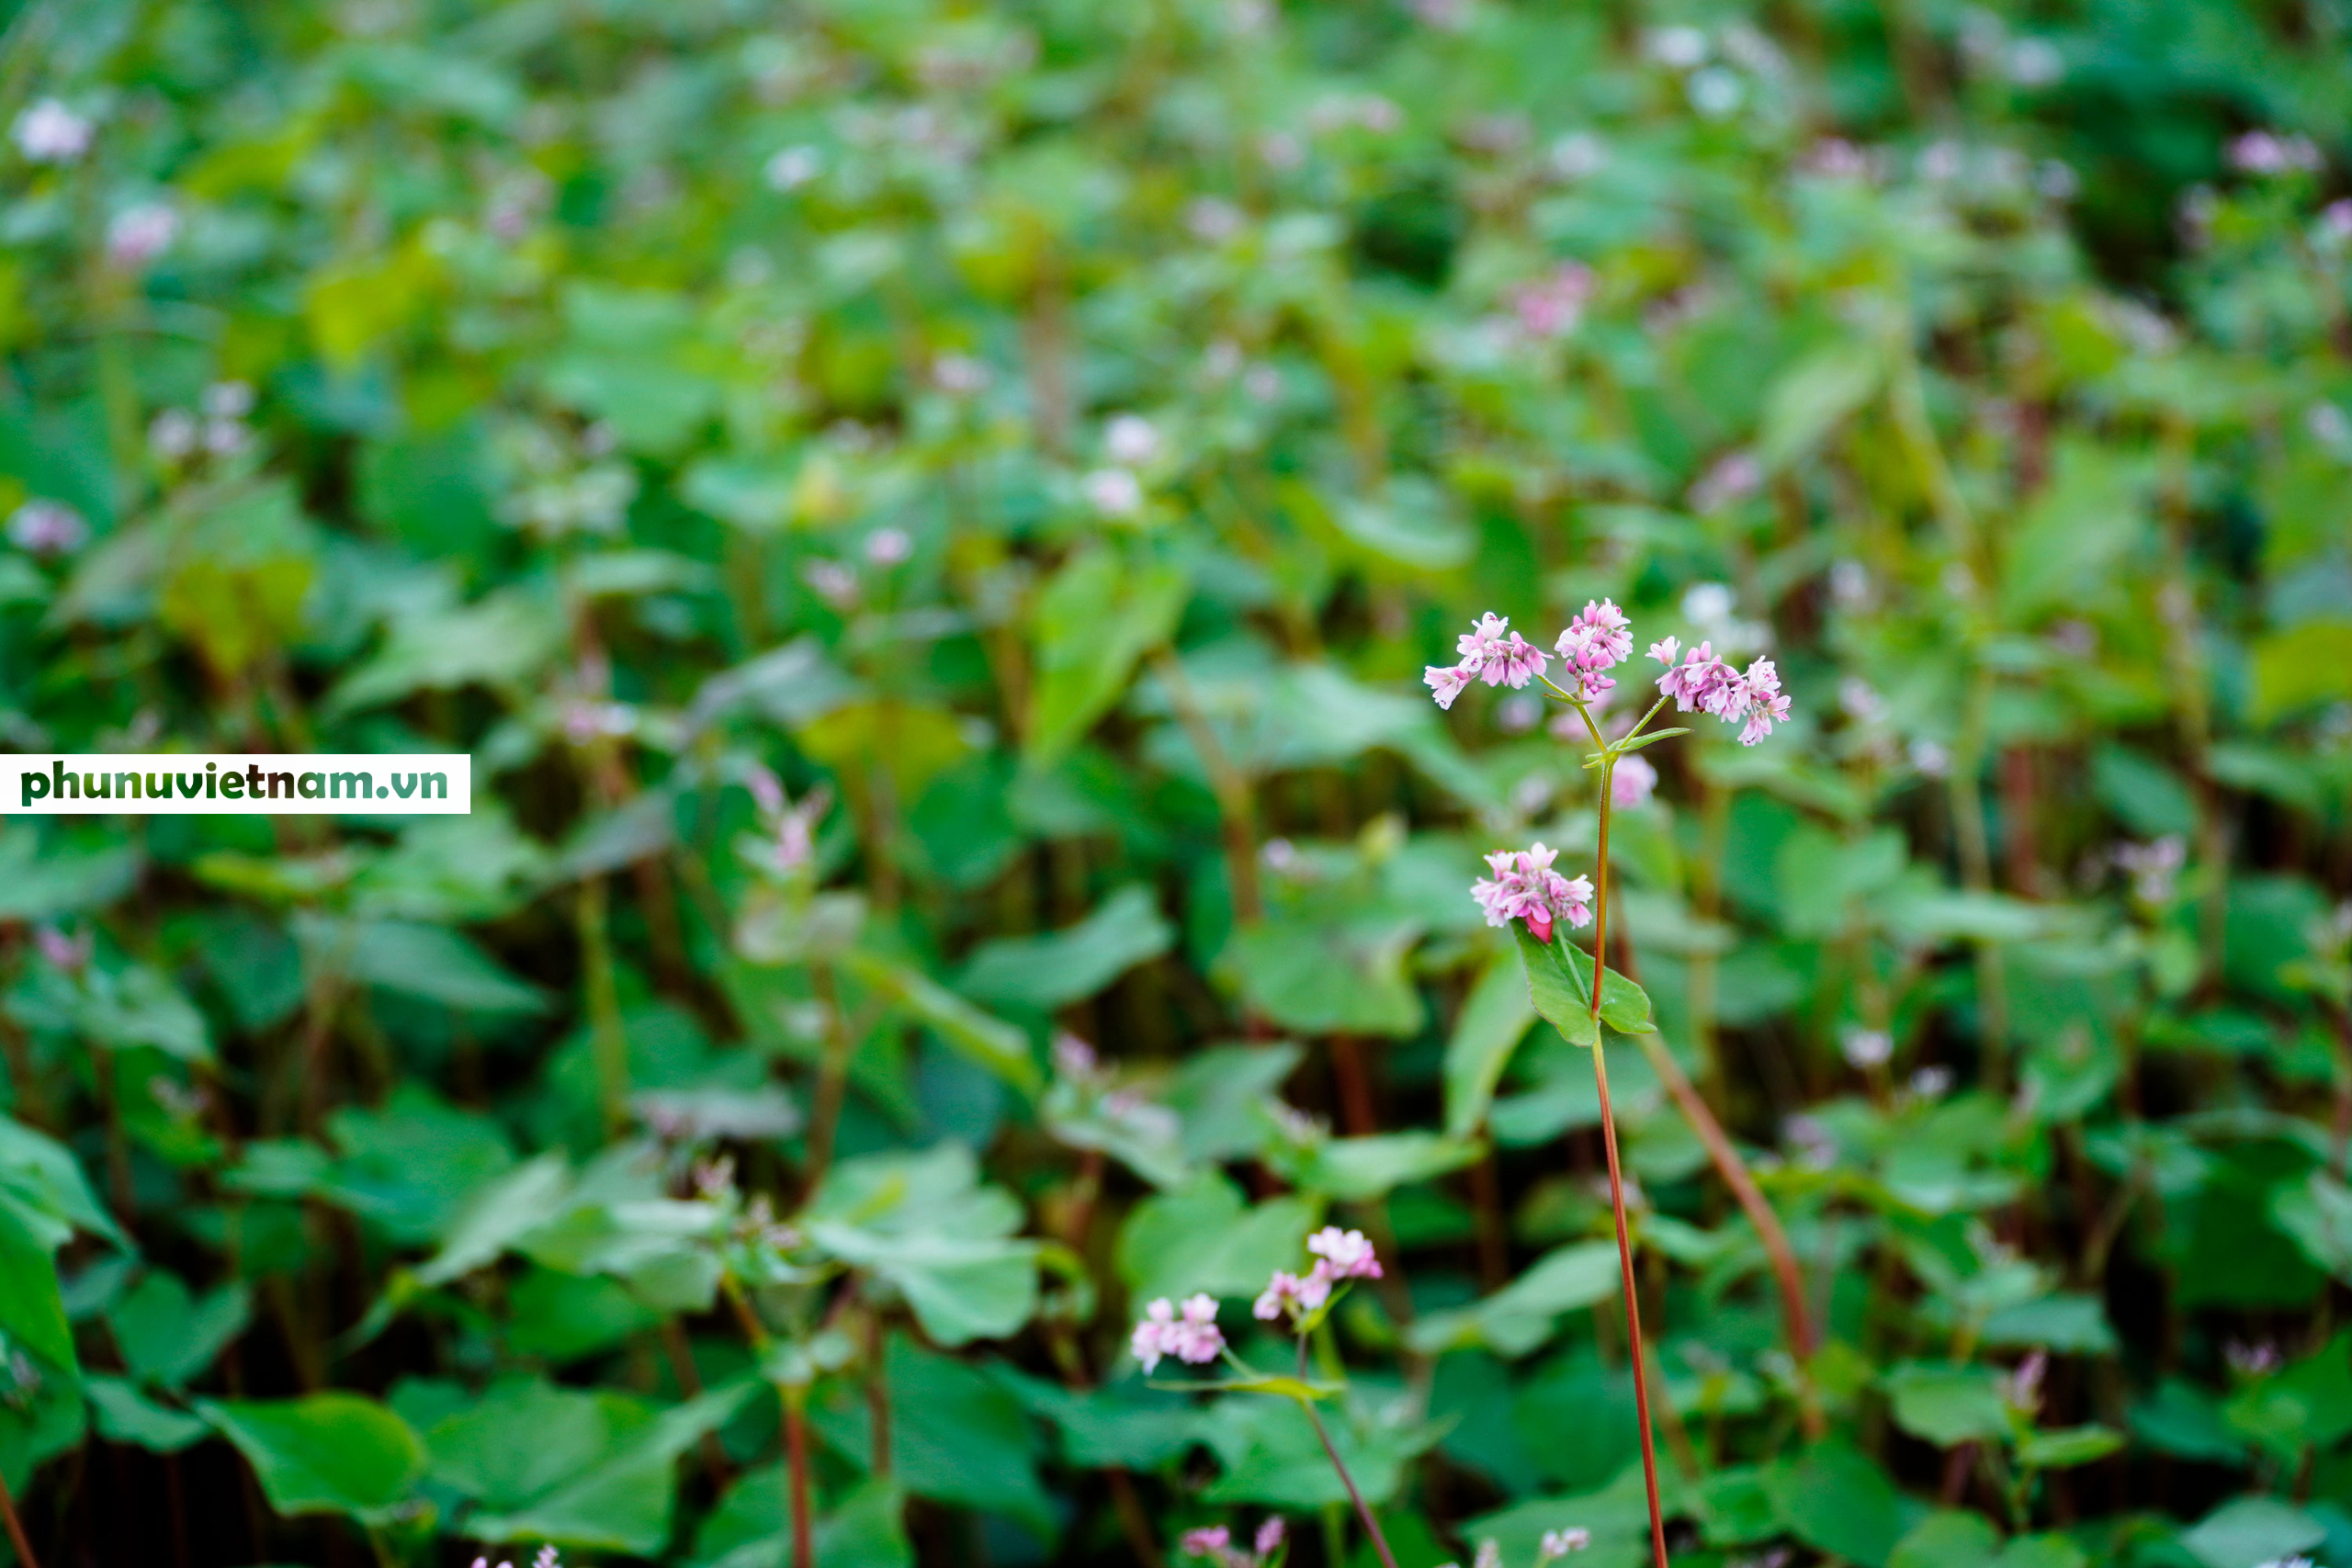 Mùa hoa tam giác mạch đong đầy nỗi nhớ trên Cao nguyên đá Hà Giang - Ảnh 1.